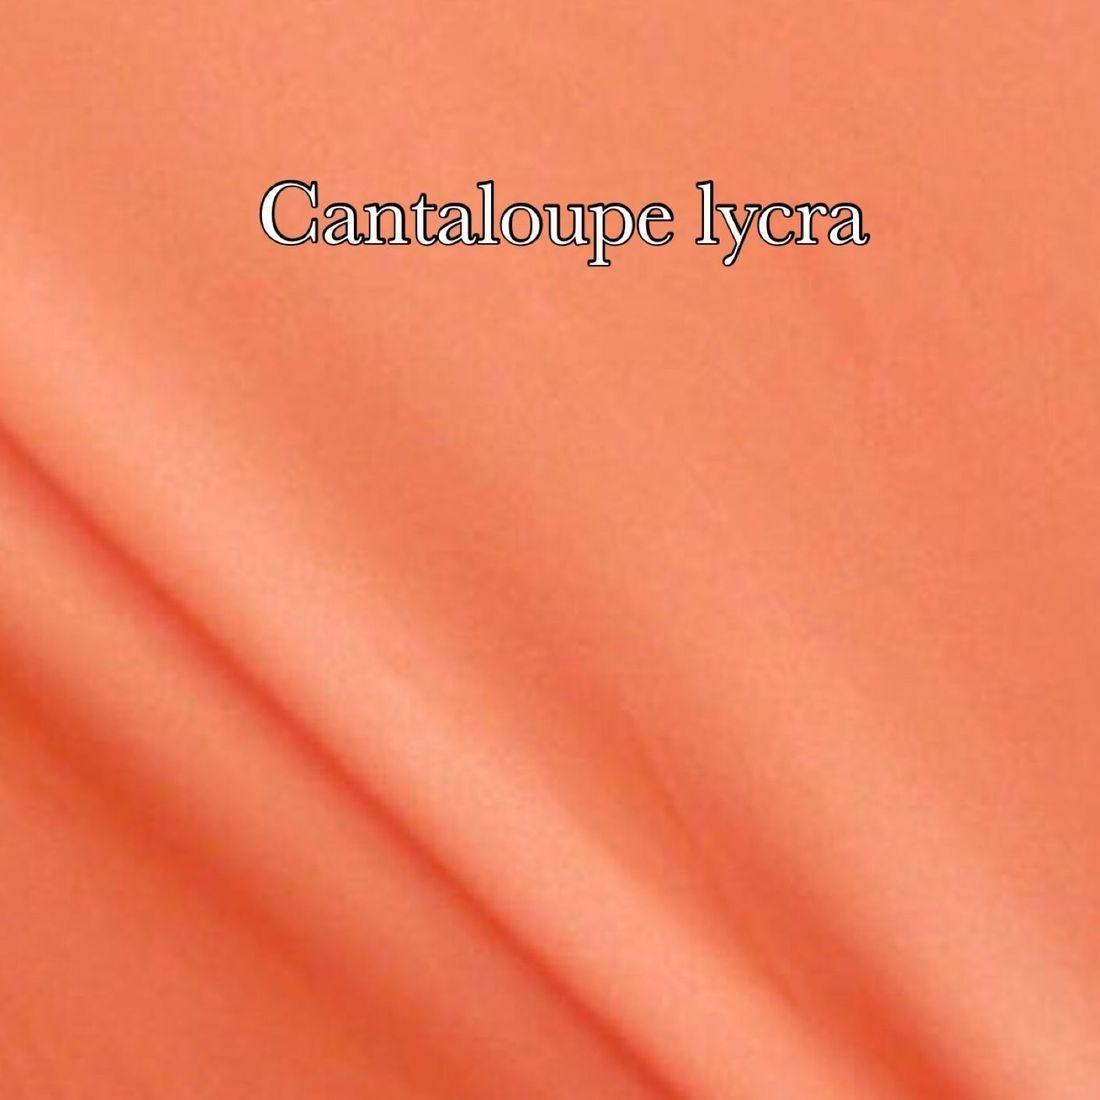 Cantaloupe lycra